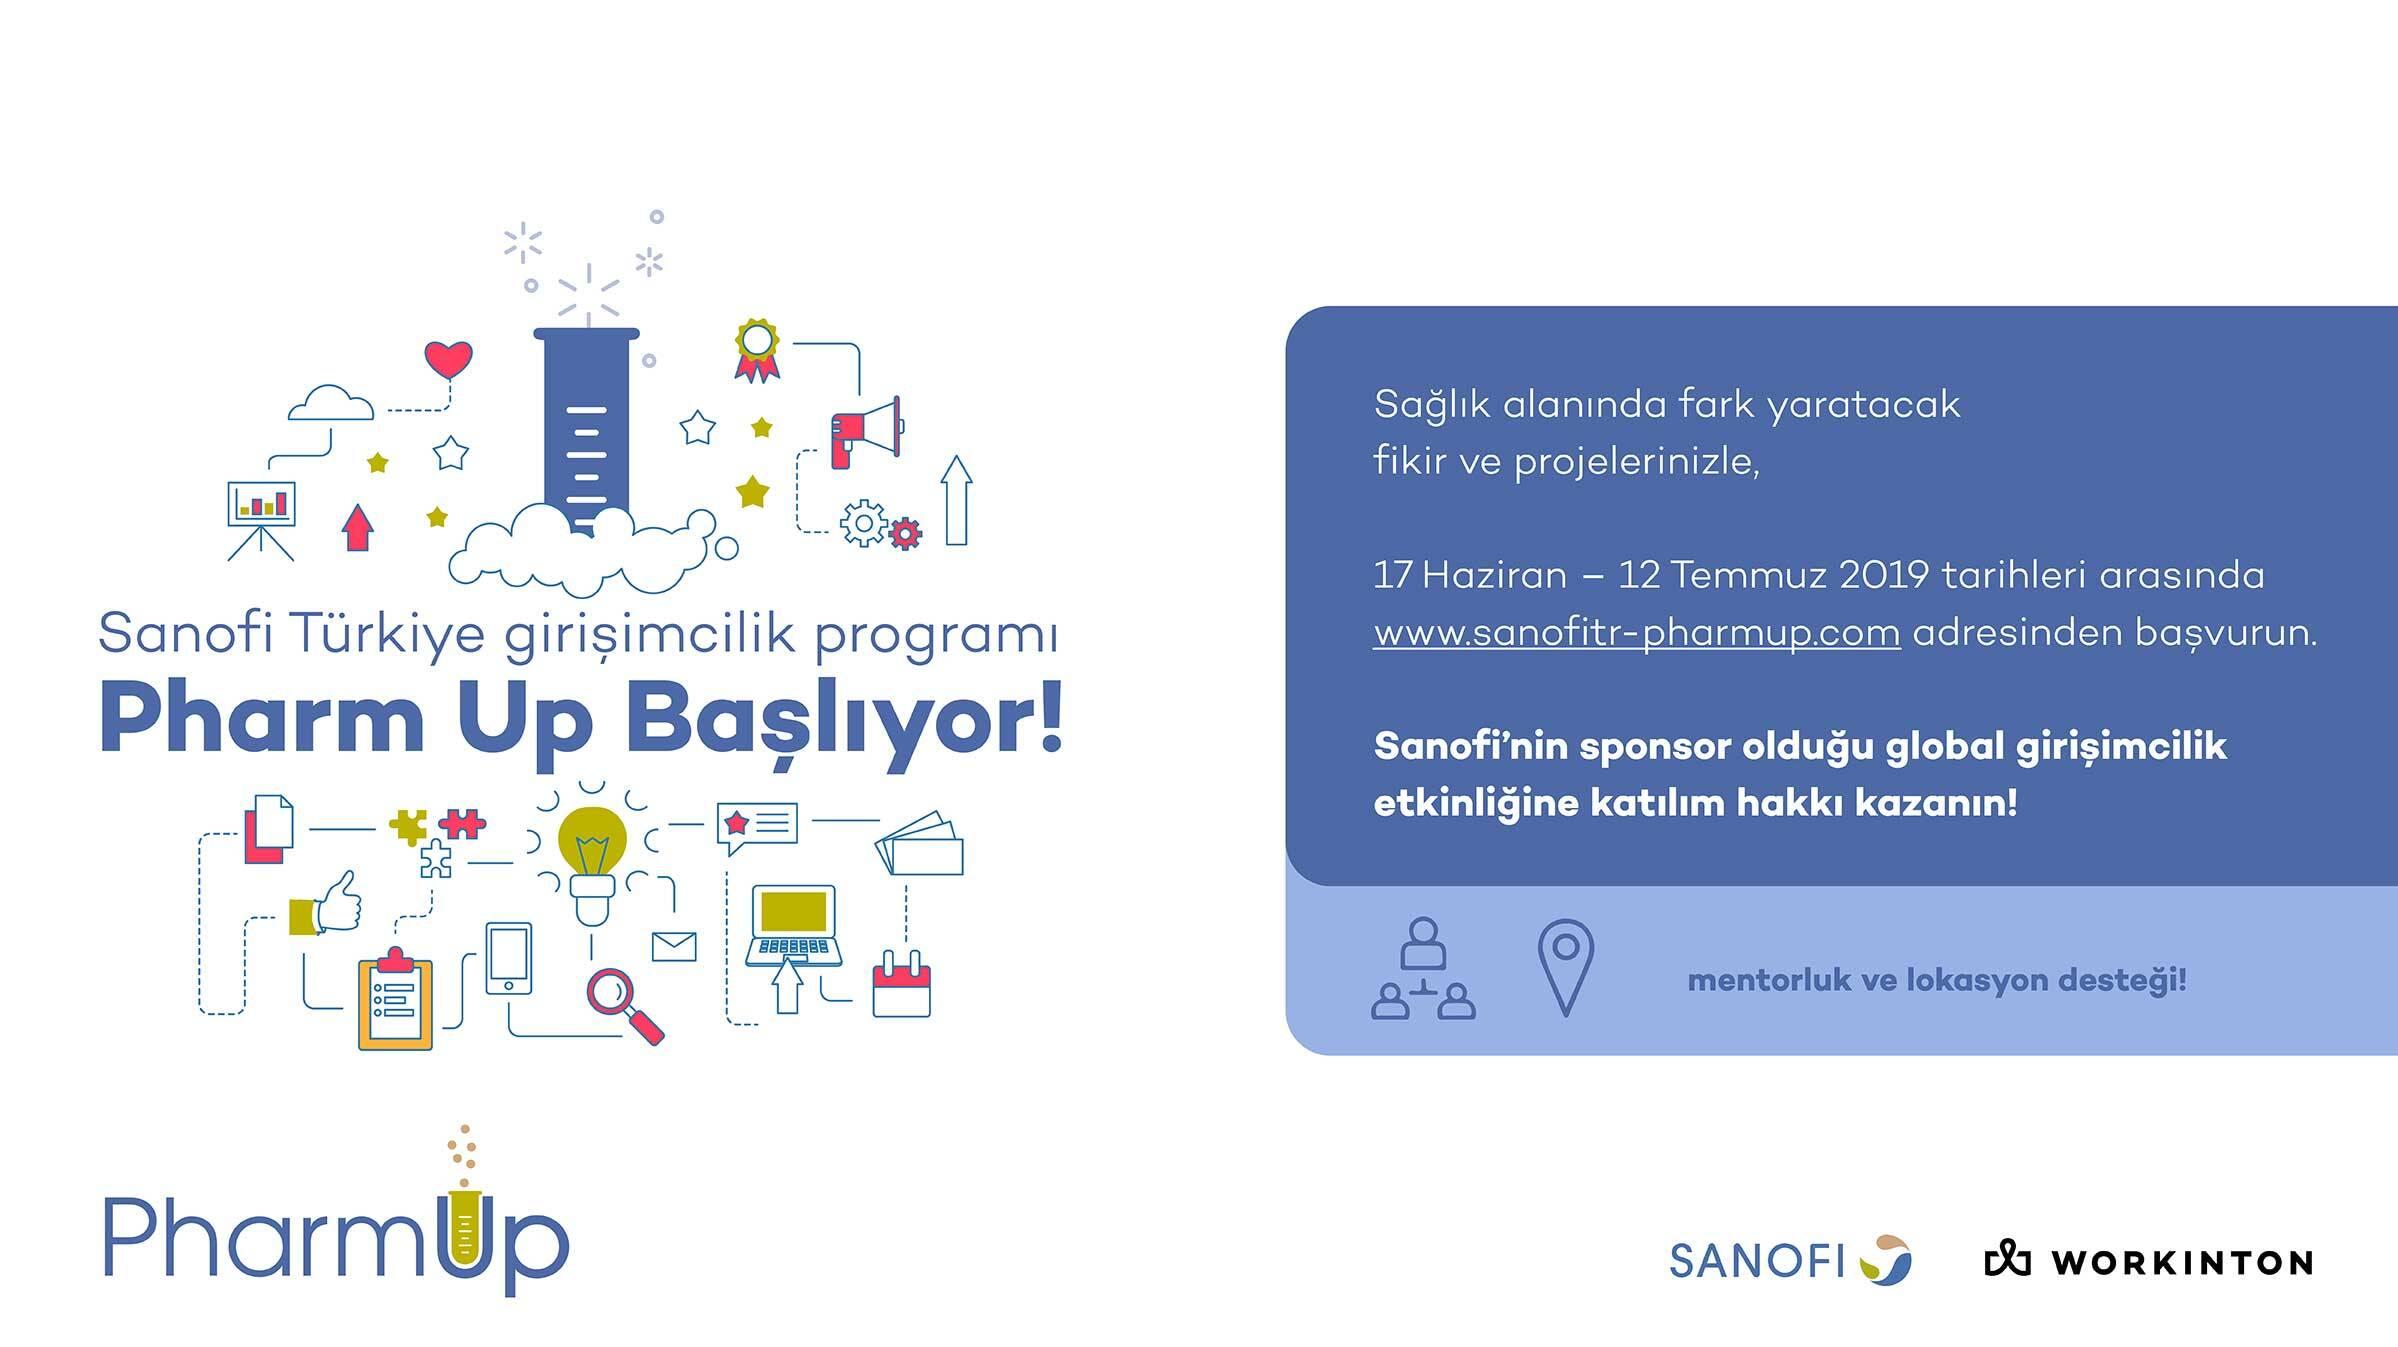 Sanofi PharmUp, Girişimcilik Programı ile Sağlık Endüstrisinde Yenilikçi Fikirleri Hayata Geçirecek